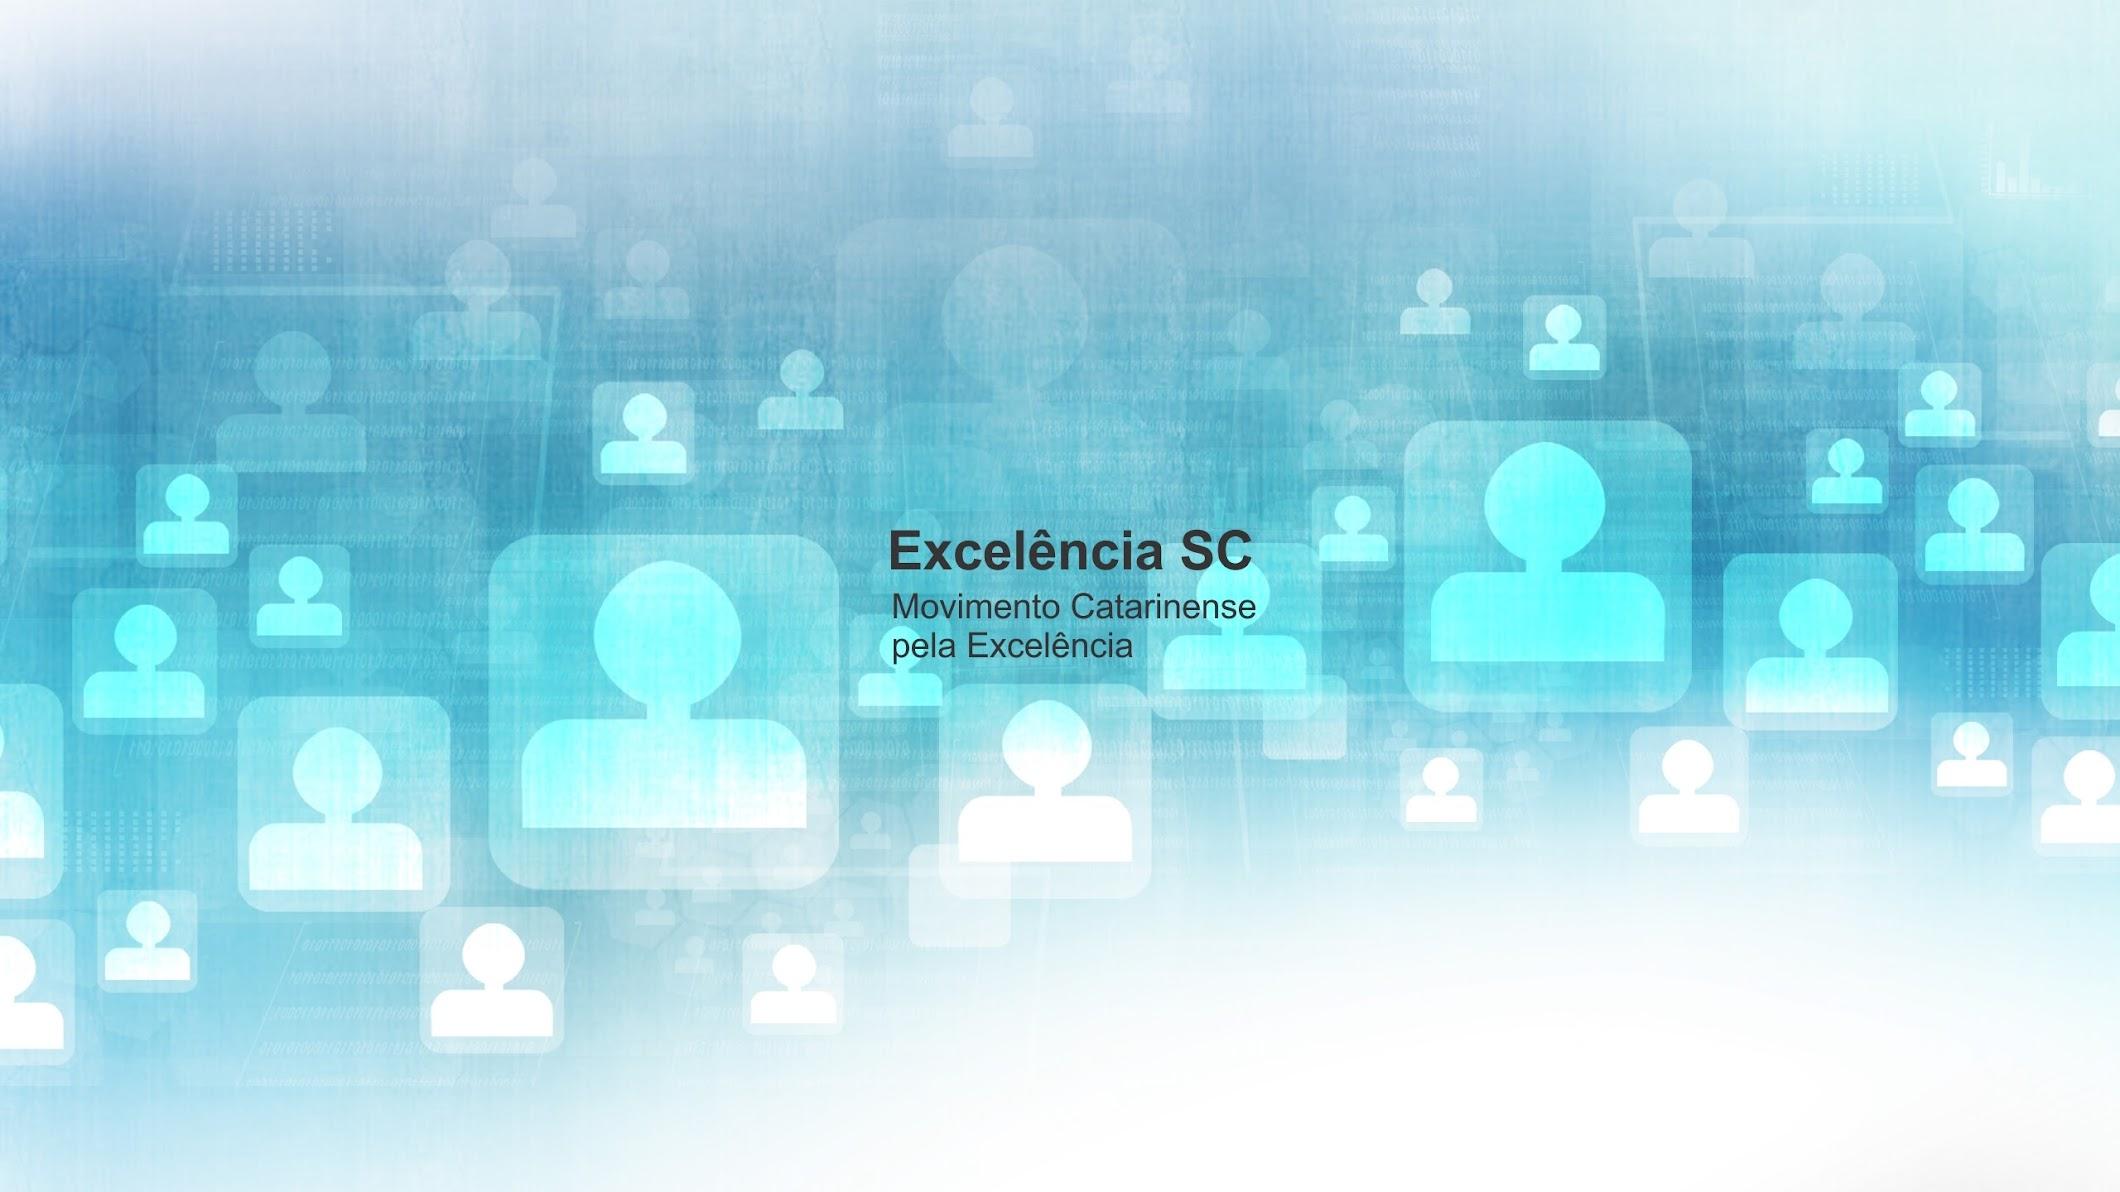 Excelência SC Movimento Catarinense pela Excelência